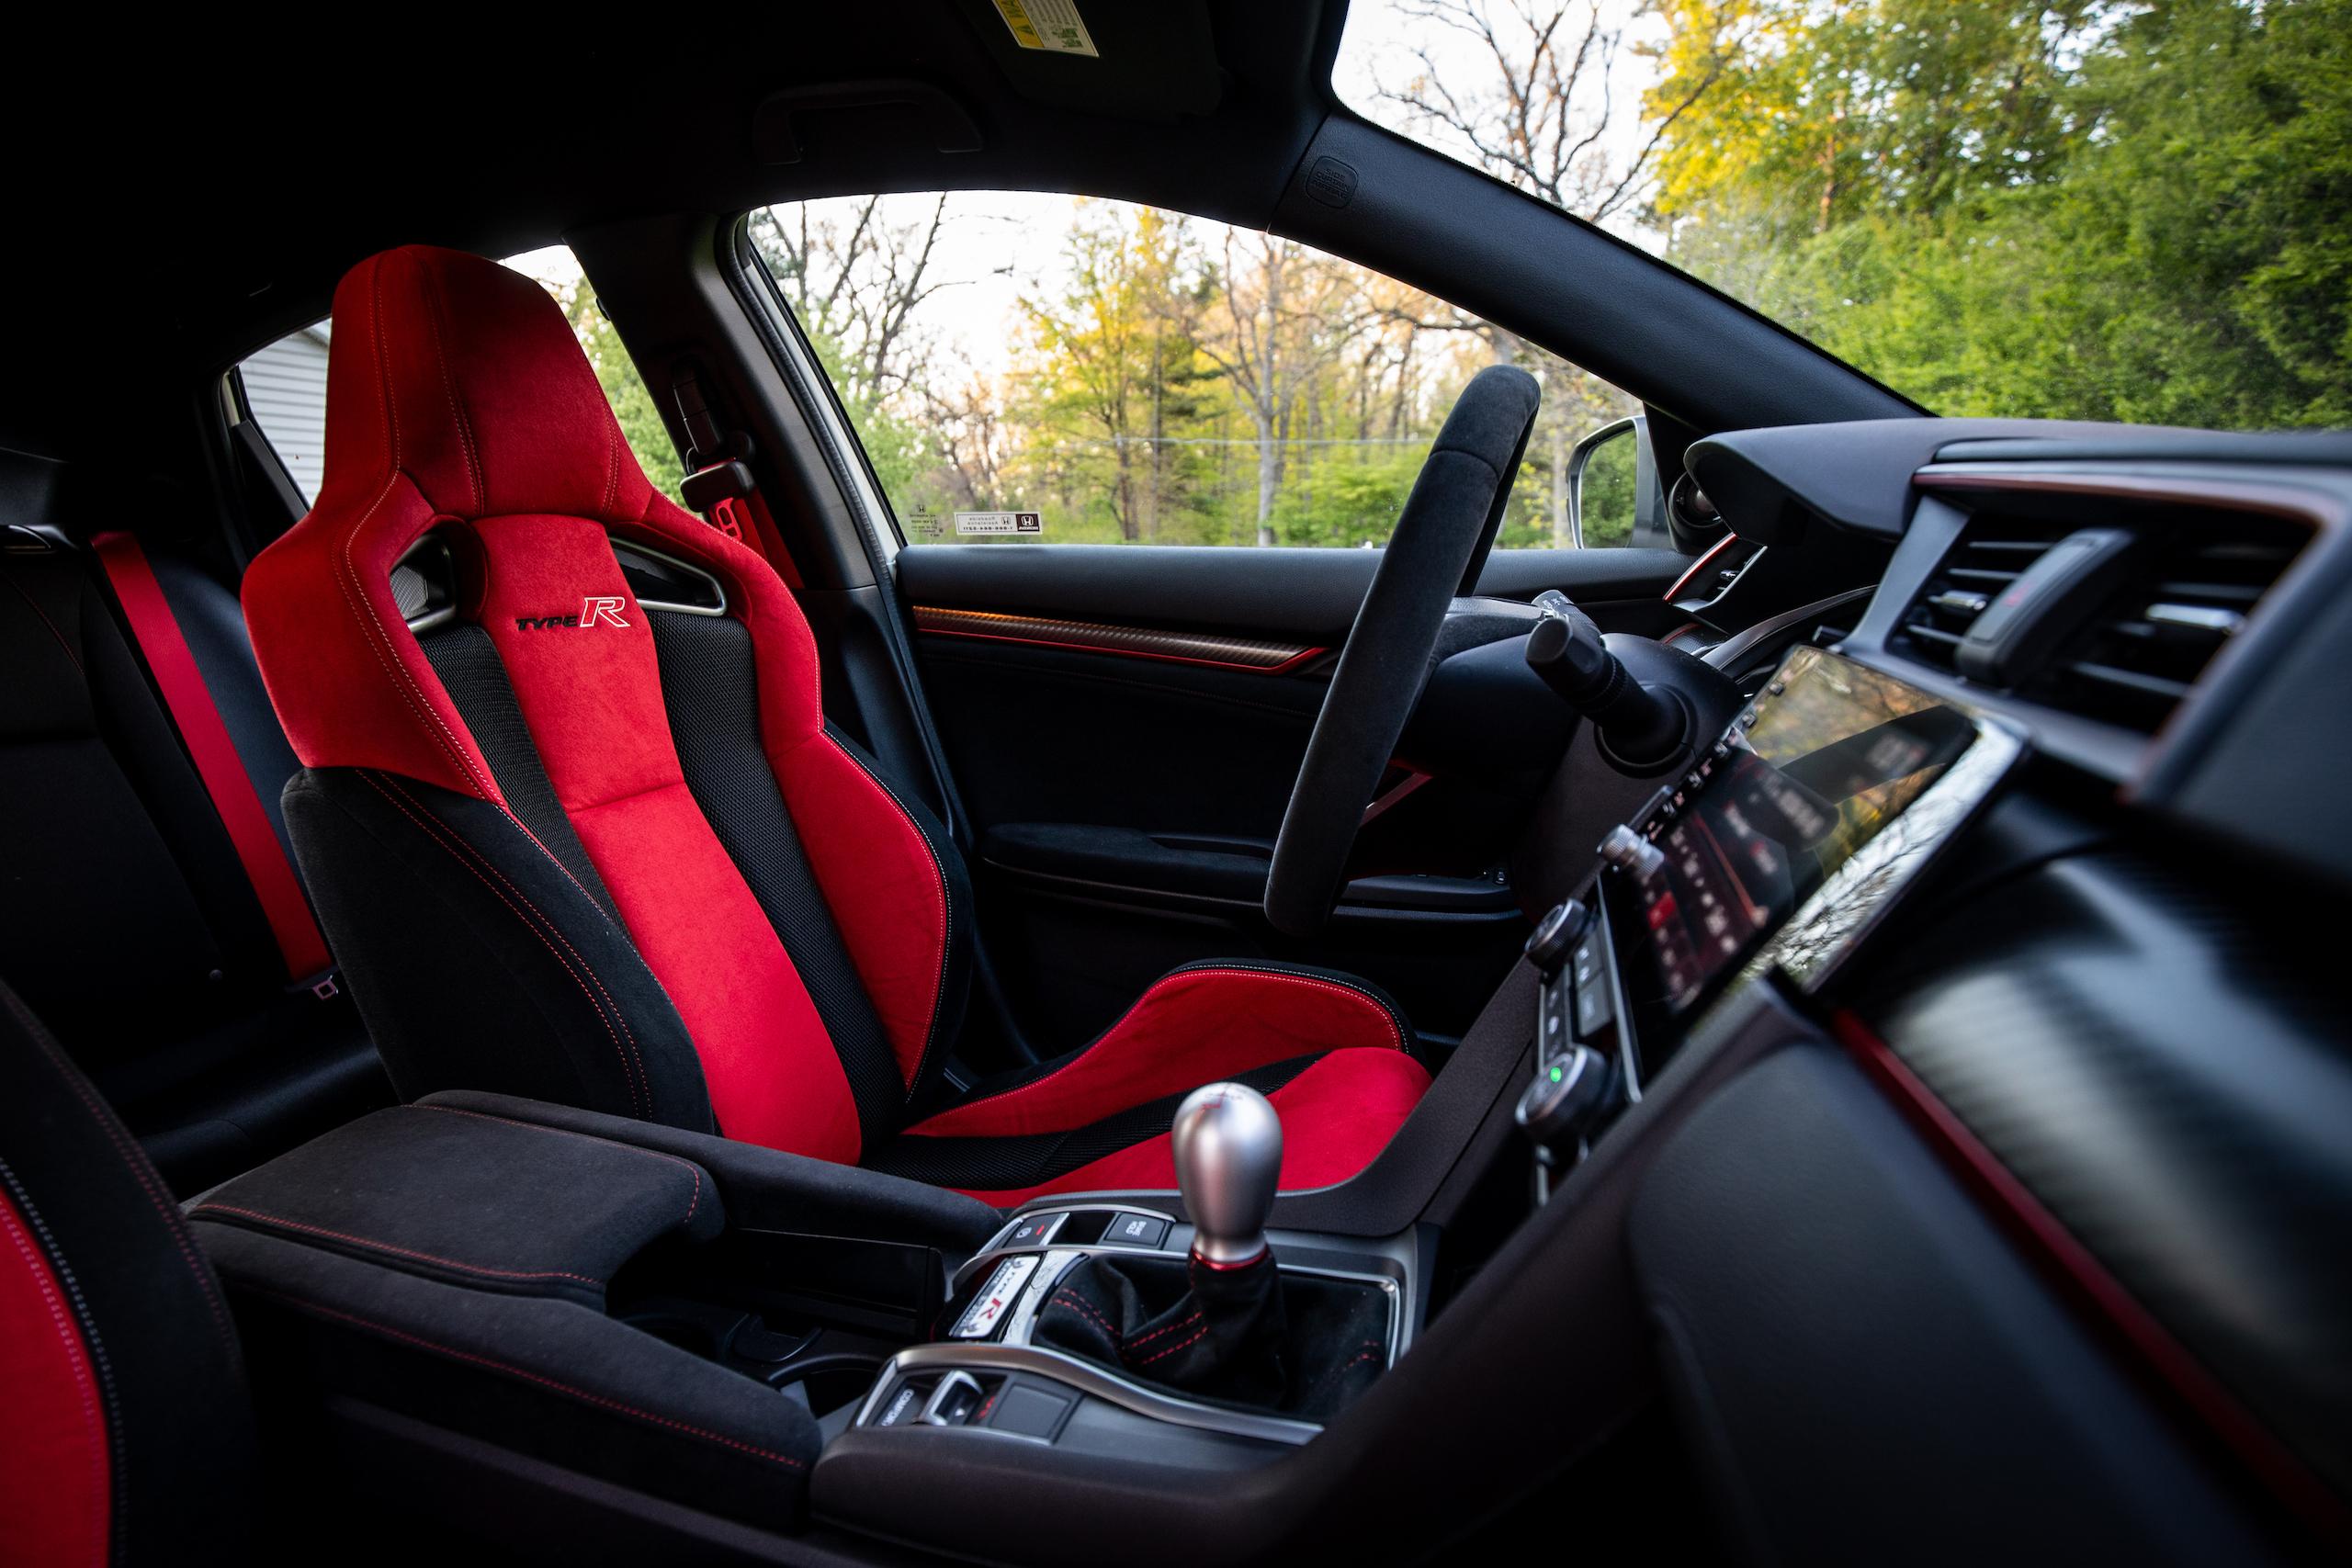 2020 Honda Civic Type R interior